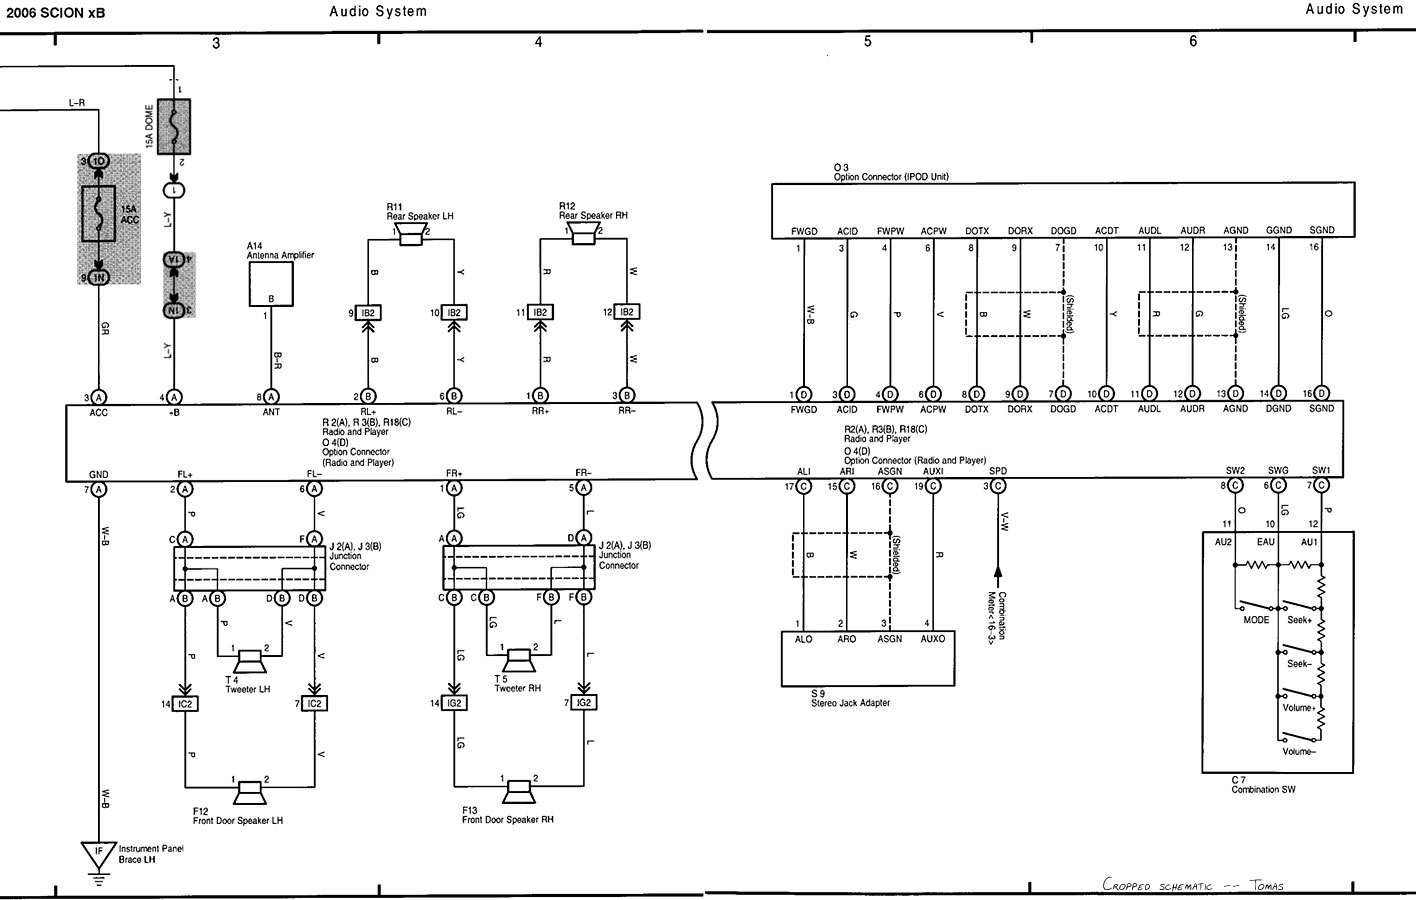 scion xd fuse diagram control cables wiring diagram 2008 ford mustang wiring diagram 2006 scion [ 1416 x 900 Pixel ]